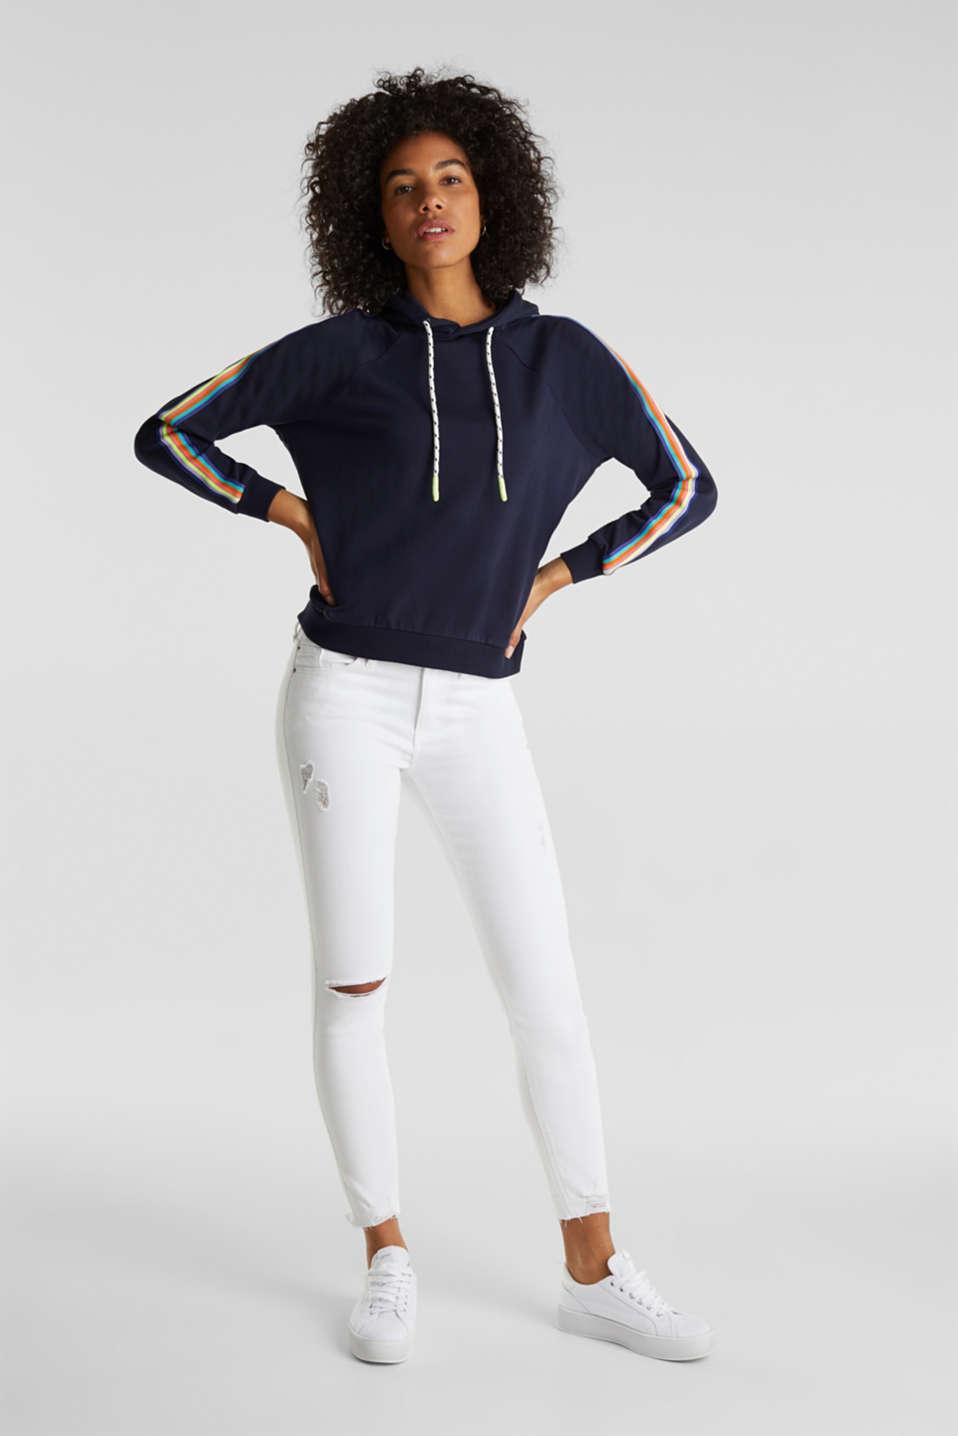 Sweatshirt hoodie with appliquéd stripes, NAVY, detail image number 1